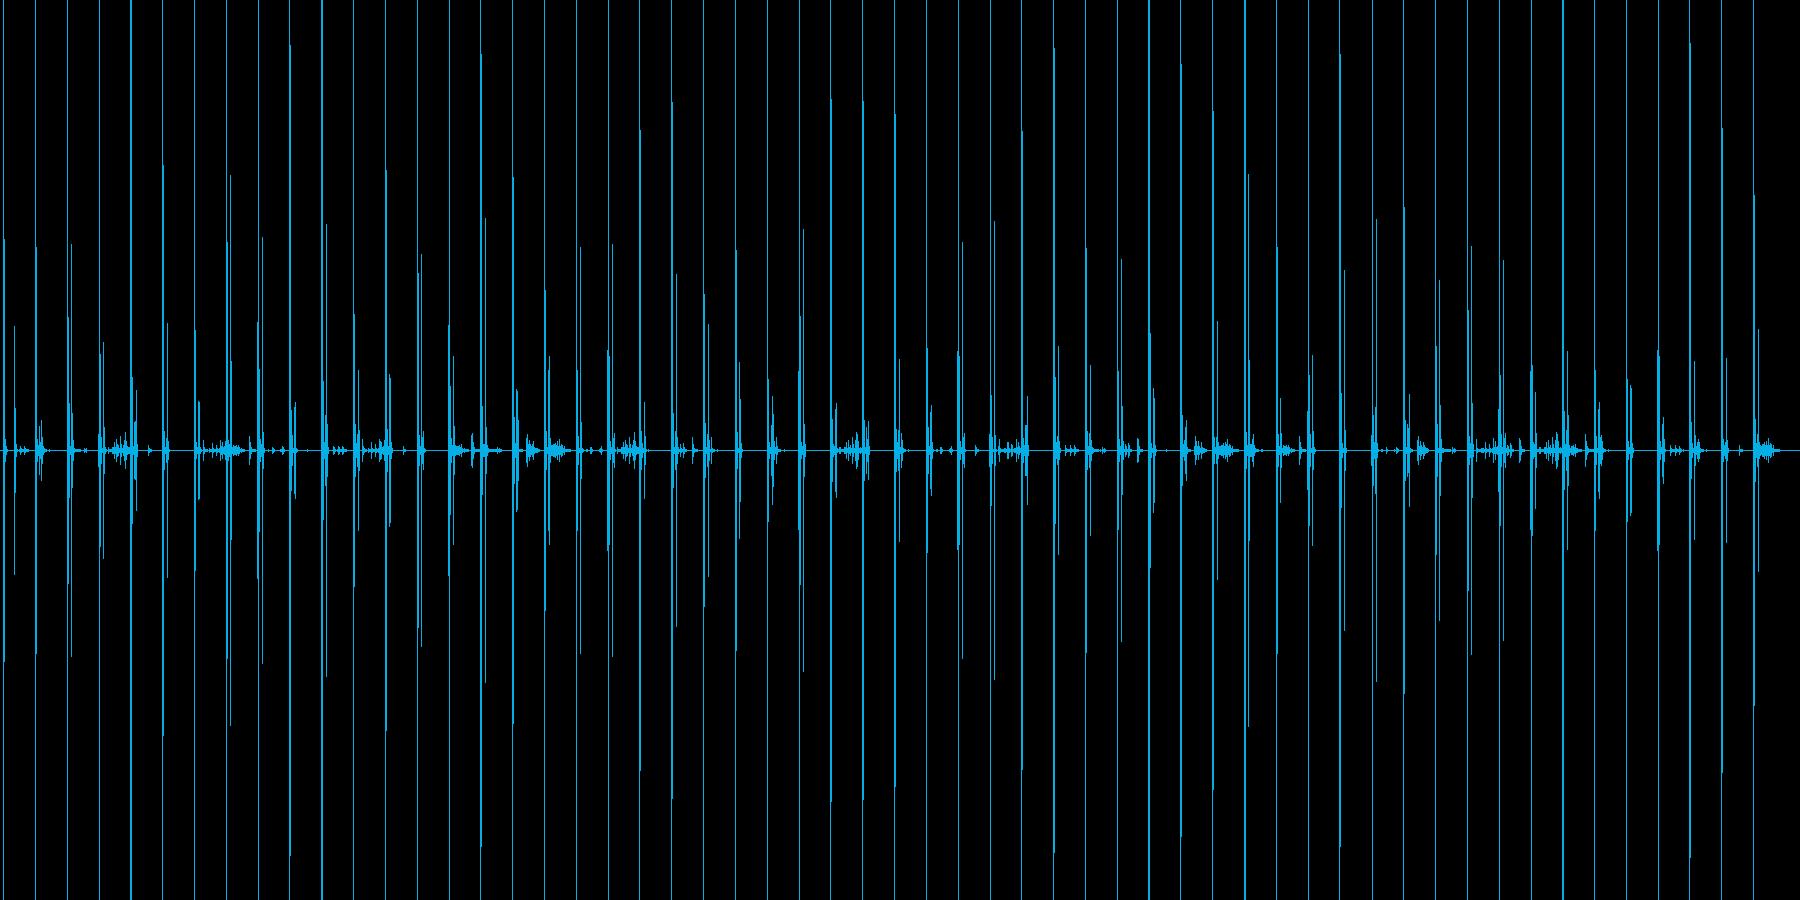 スニーカーで木製の床の上を走る音の再生済みの波形